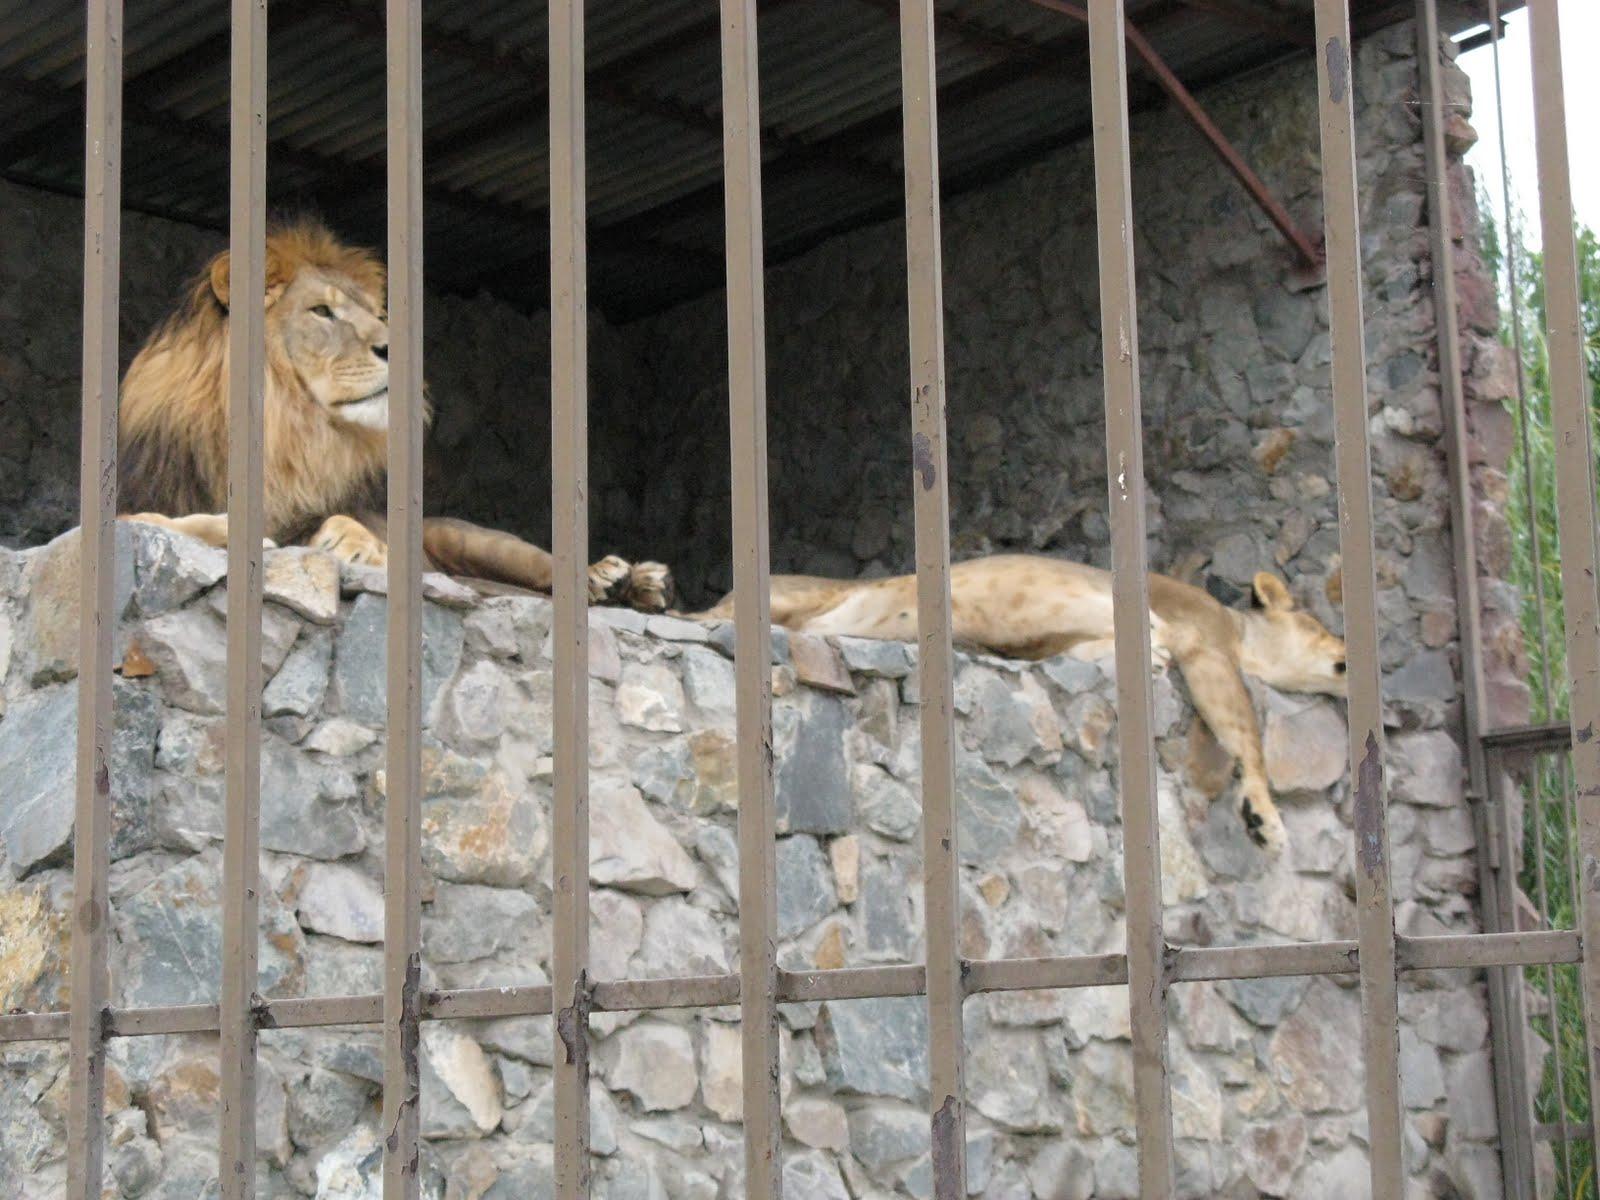 В Симферопольском зооуголке львы содержатся в ужасных условиях